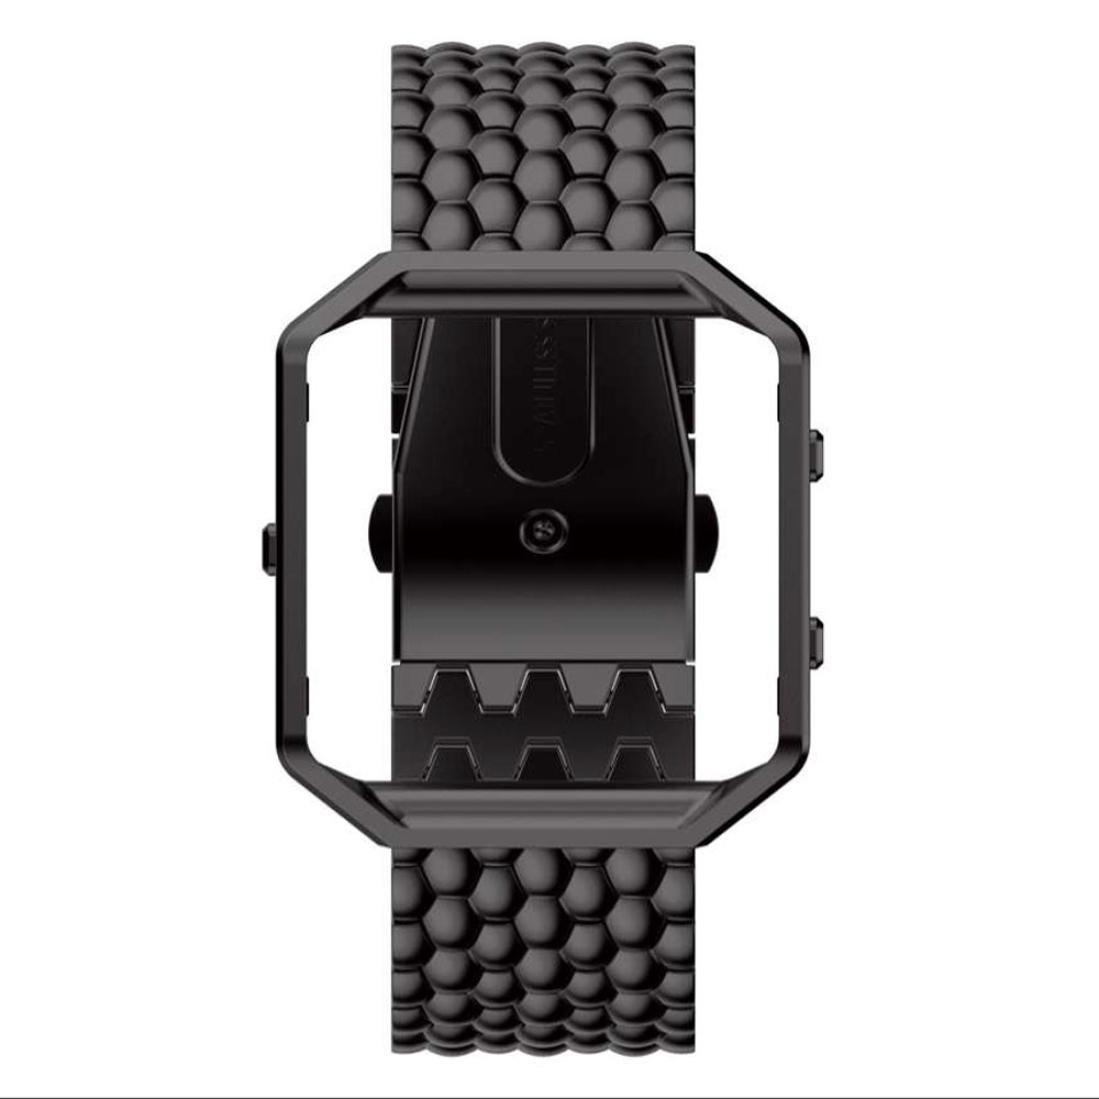 For Fitbit Blaze Watch ,Binmer(TM) Luxury Stainless Steel Bracelet Smart Watch Band Strap (Black)